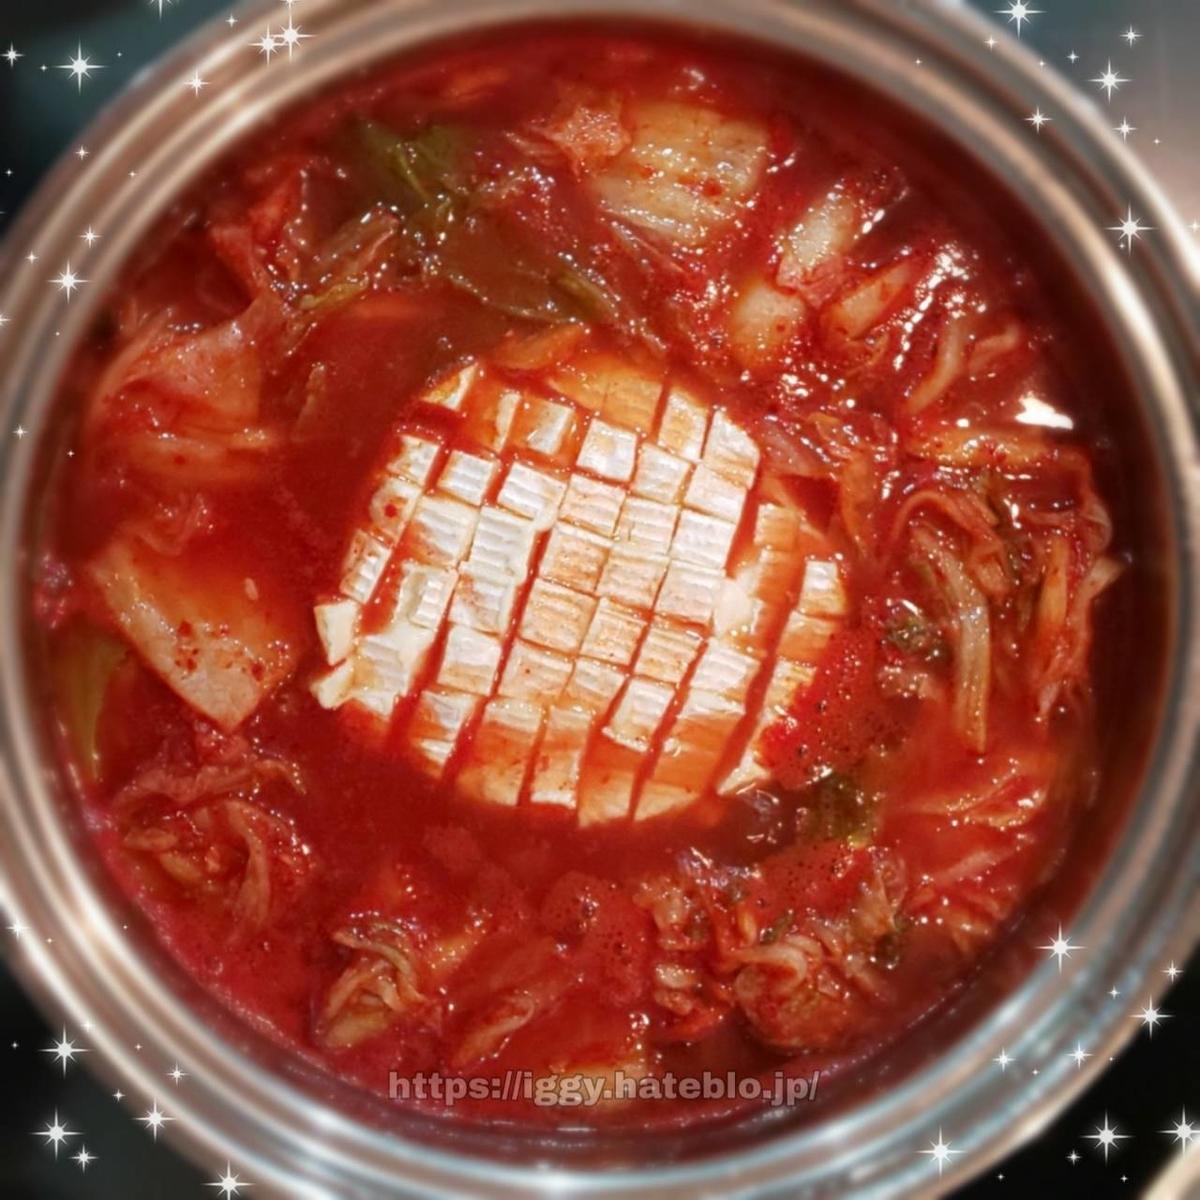 トリプル発酵鍋③ iggy2019